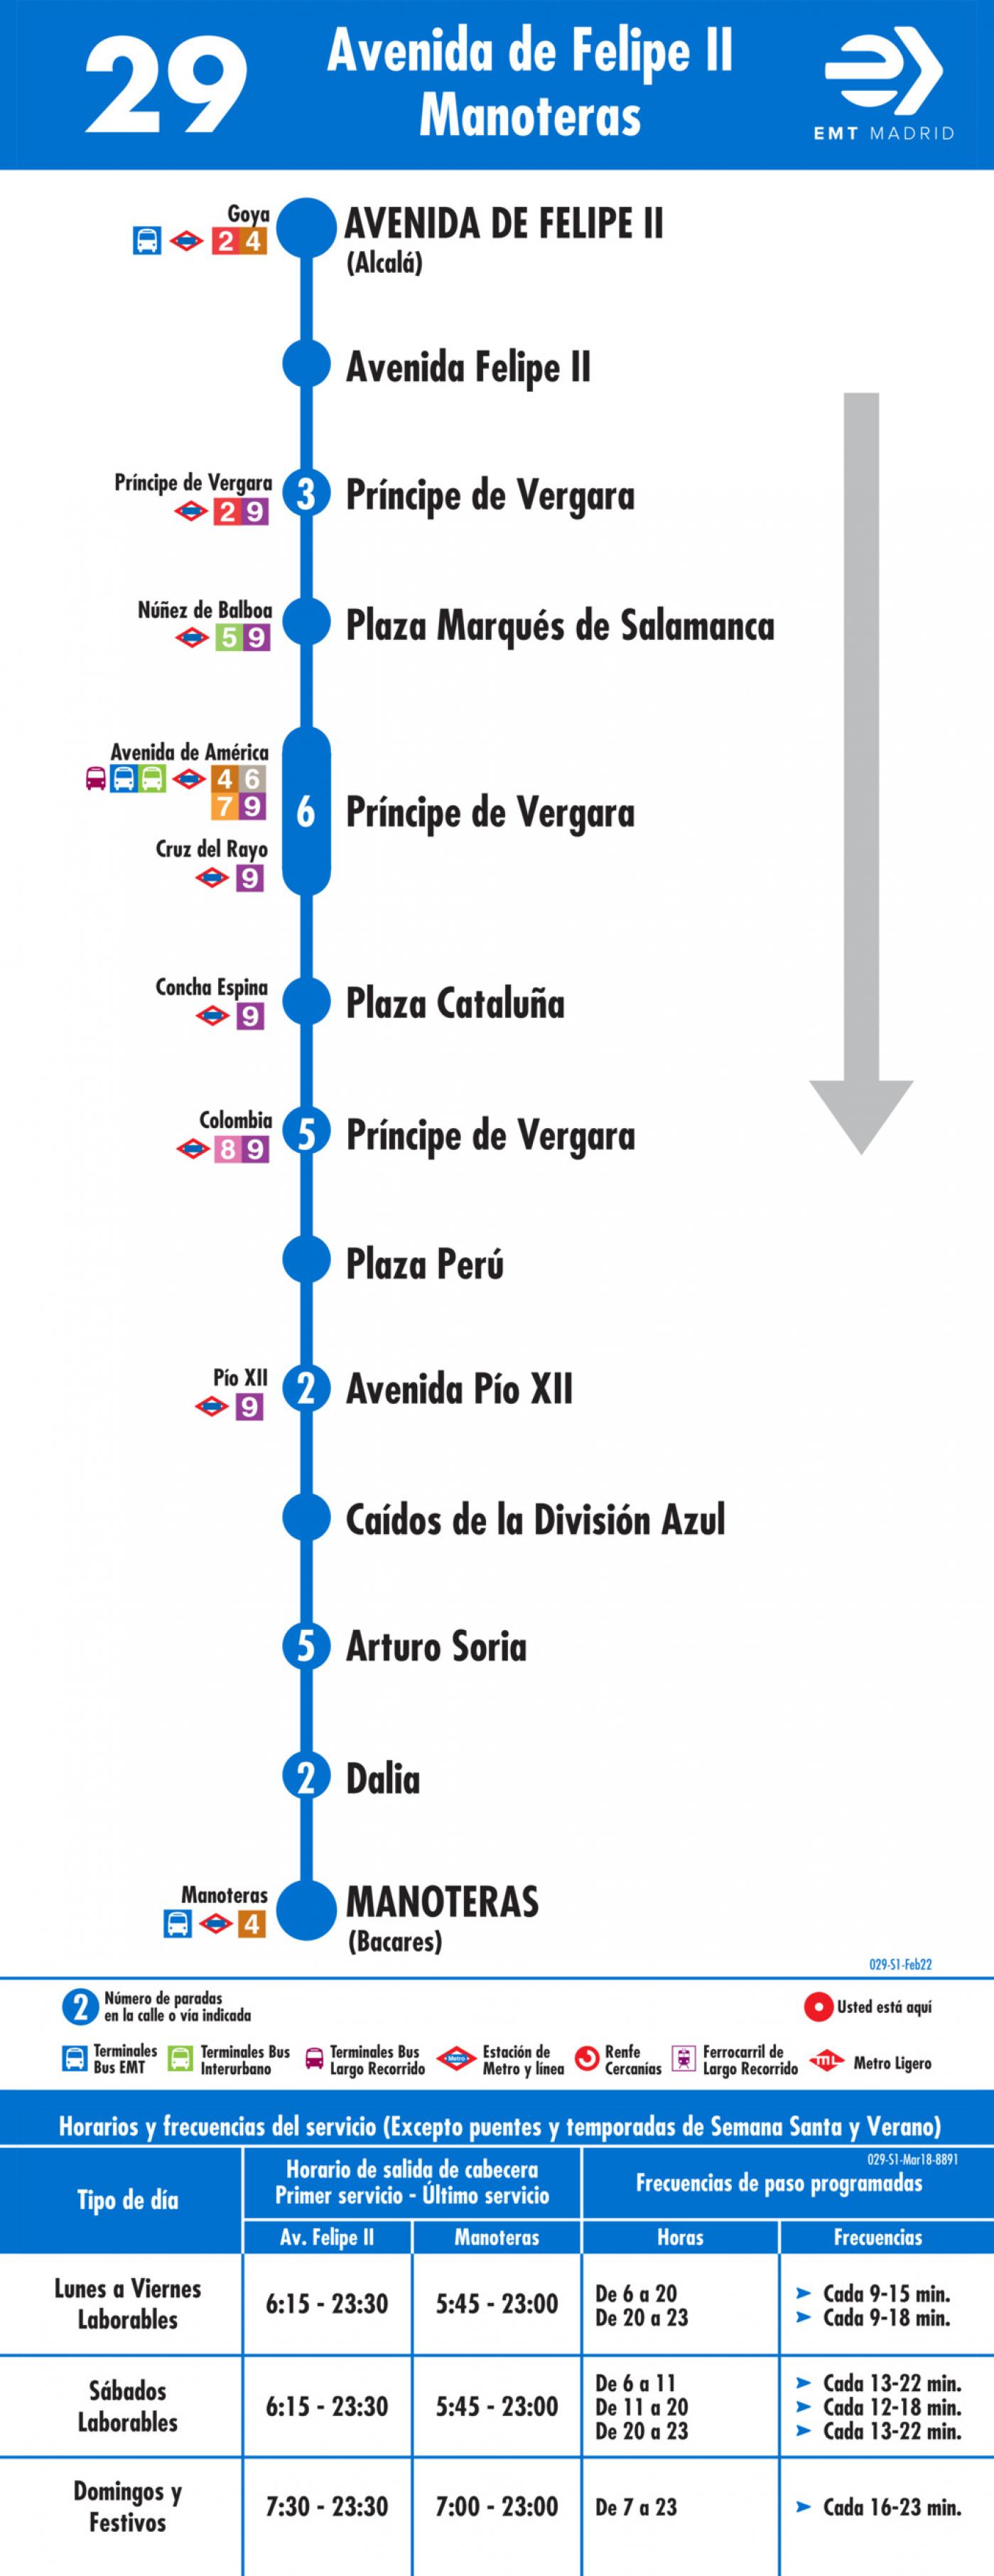 Tabla de horarios y frecuencias de paso en sentido ida Línea 29: Avenida de Felipe II - Manoteras